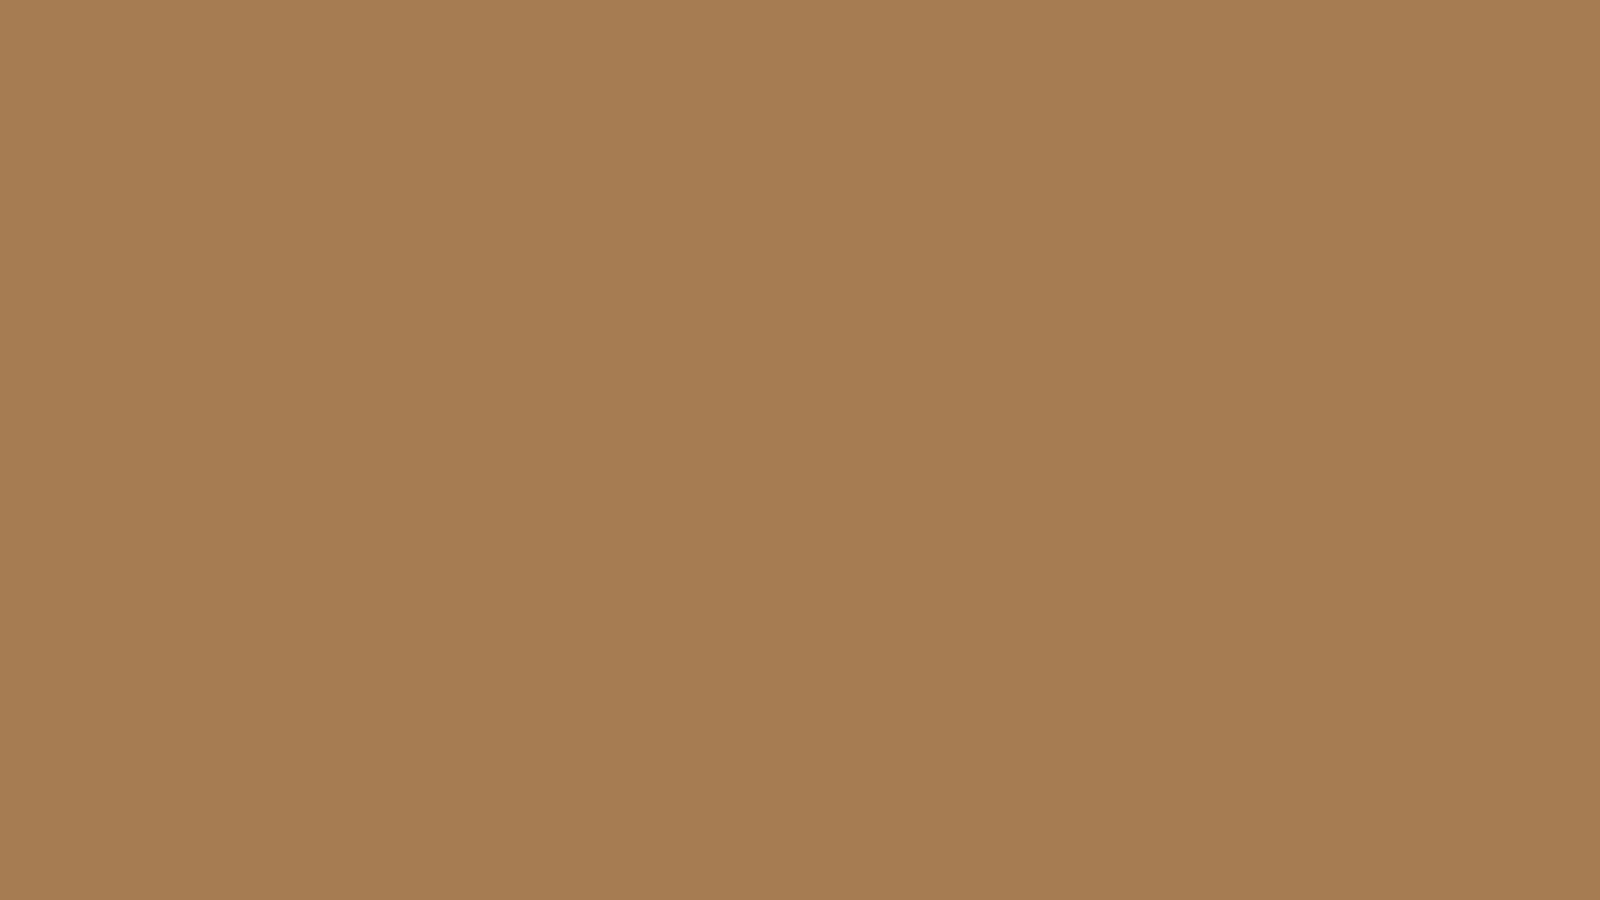 light brown wallpaper 31856 32592 hd wallpapersjpg 1600x900